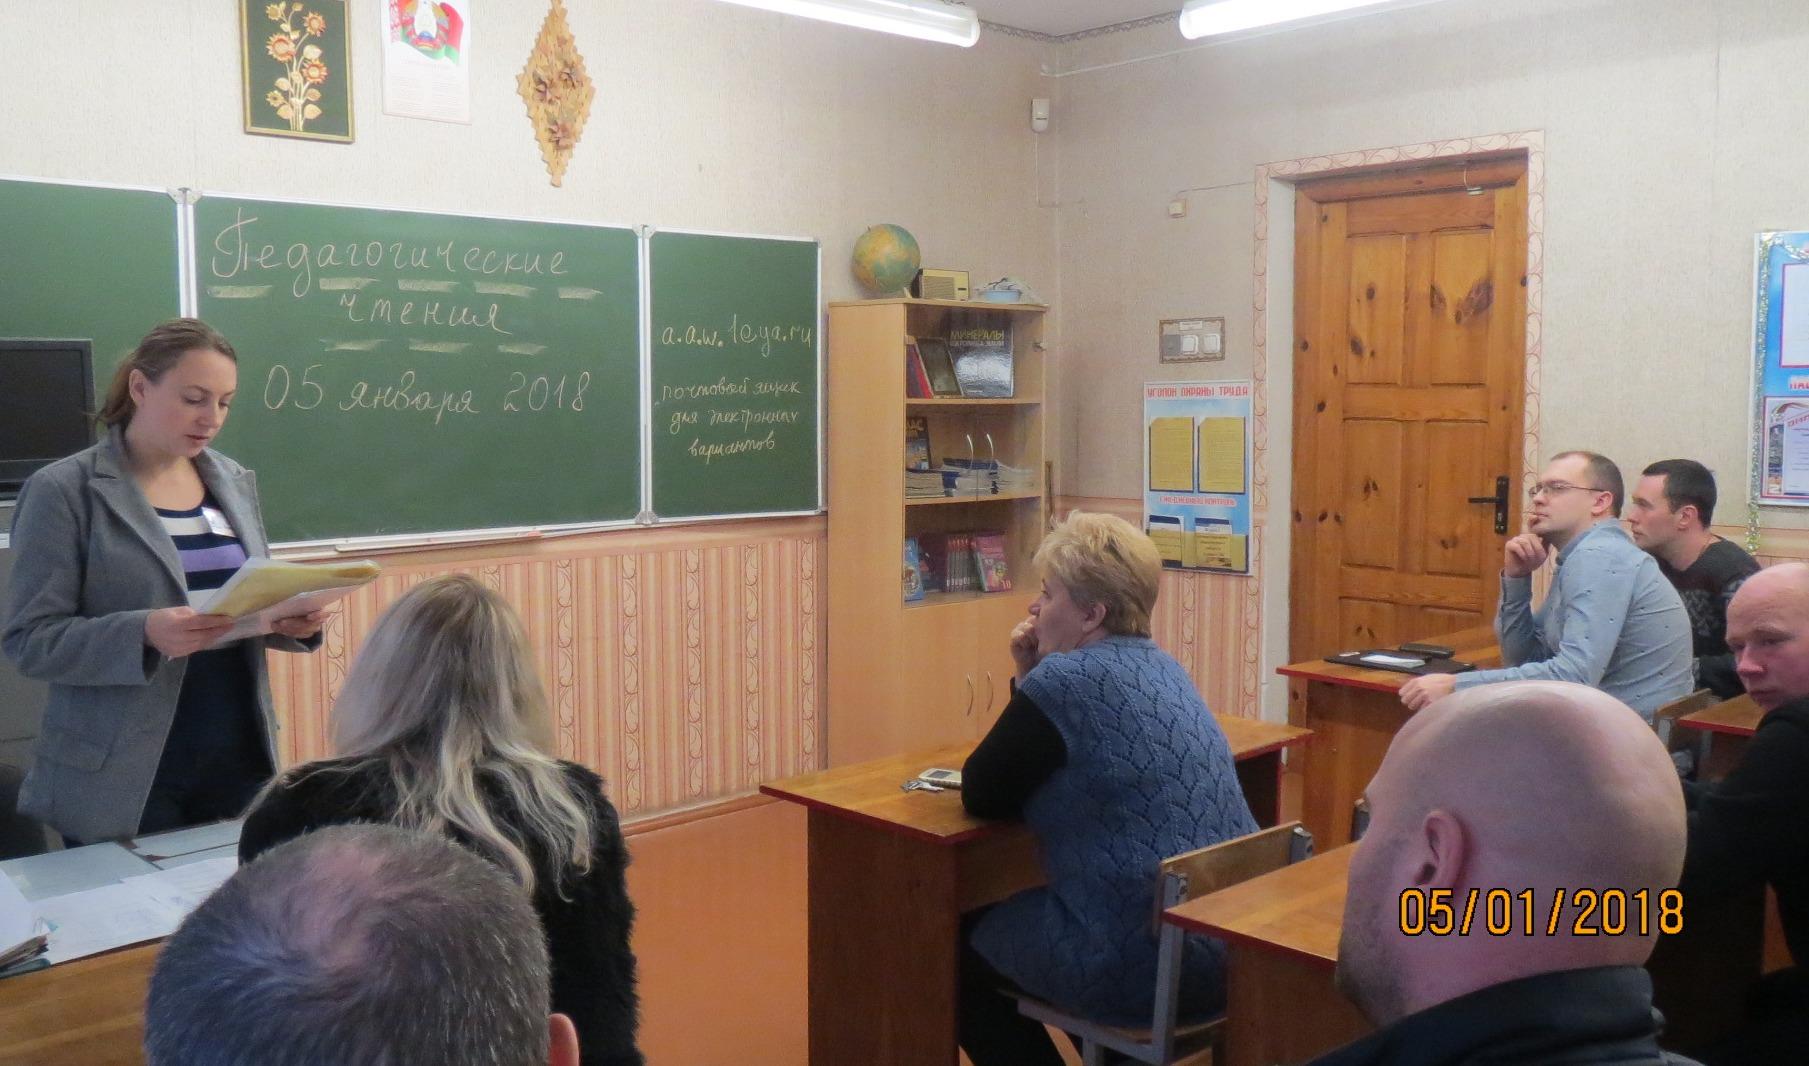 Ежегодные педагогические чтения в Гомельском автомеханическом колледже